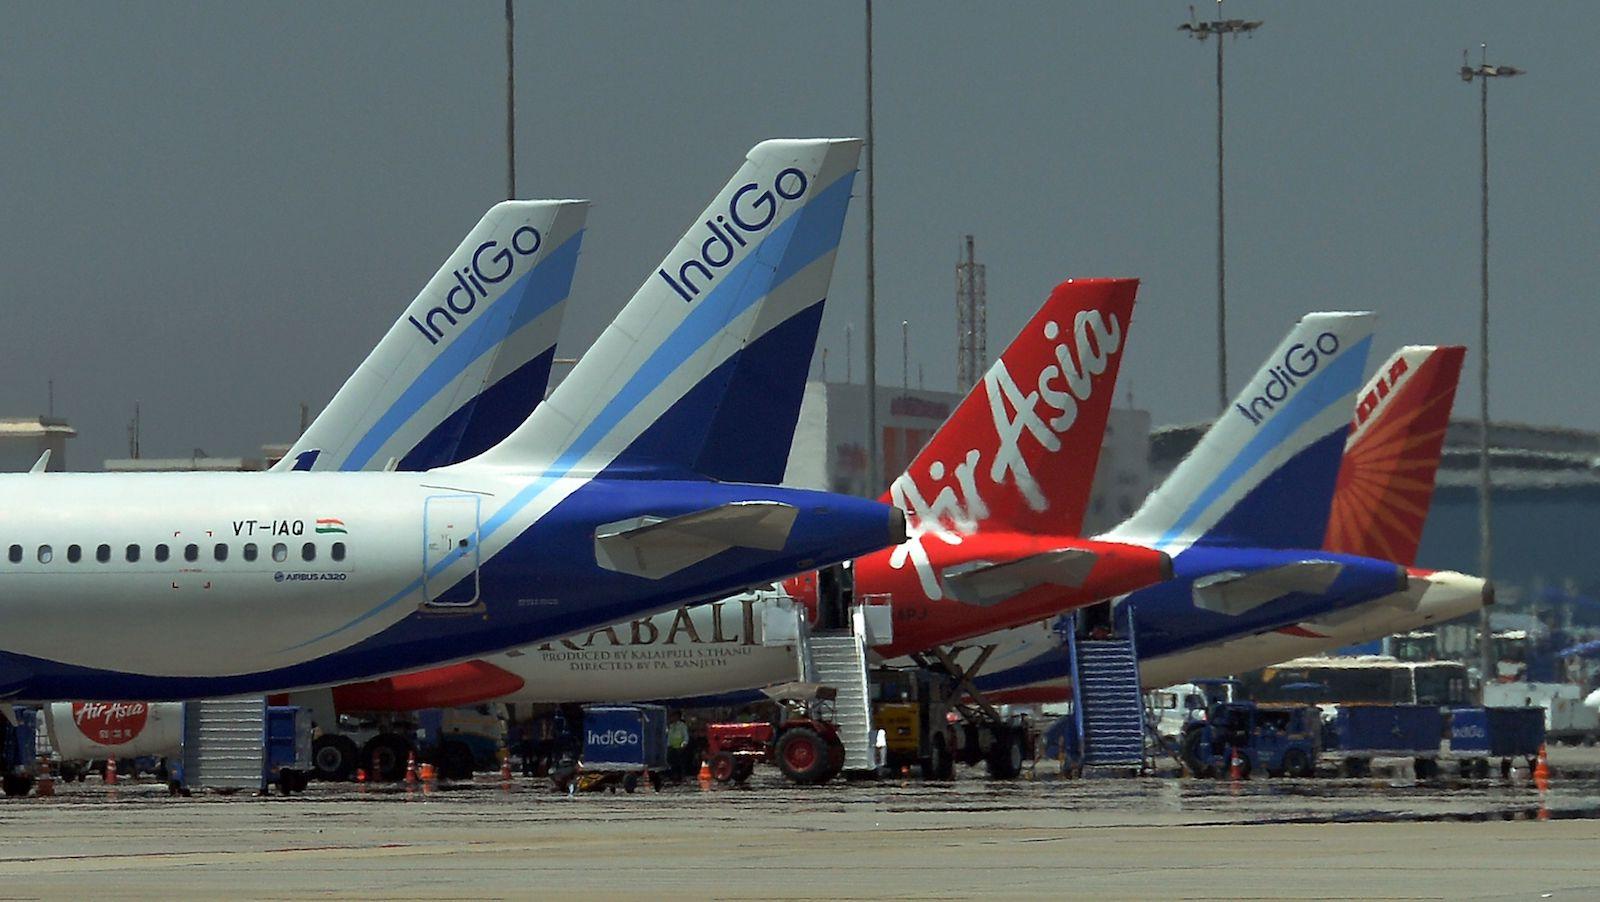 Resultado de imagen para airlines airplane air market asia